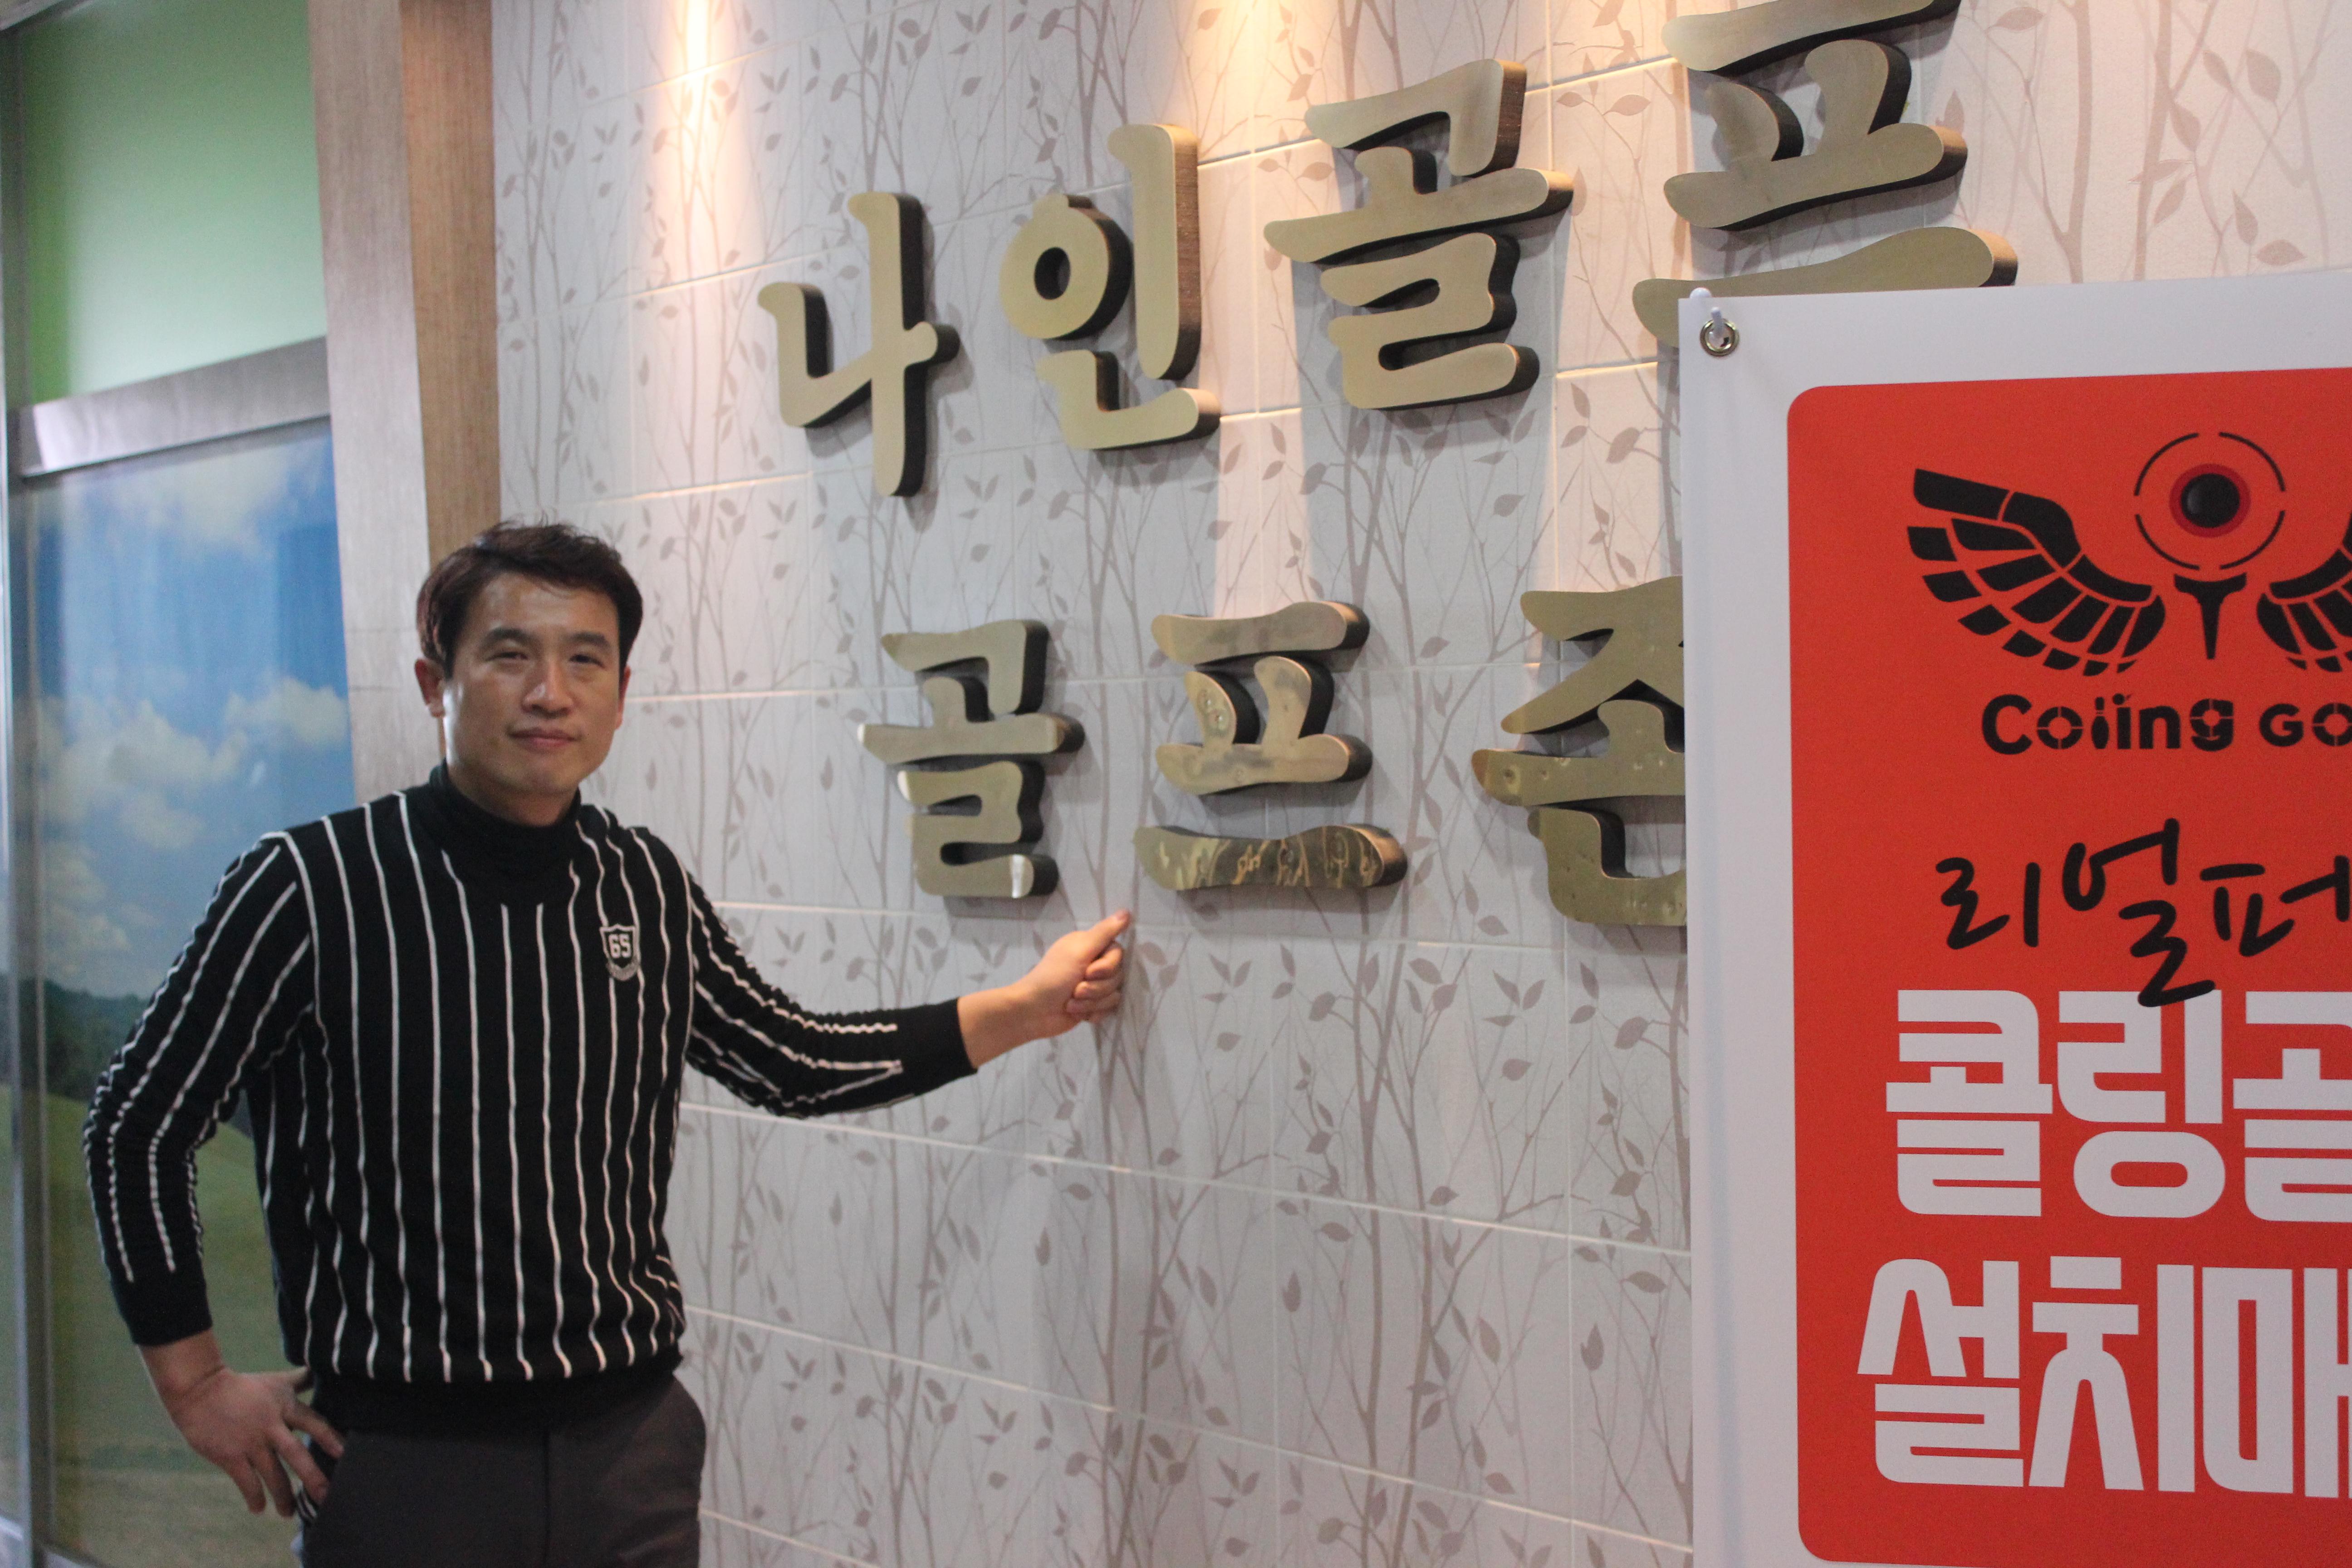 <스크린골프장>대기시간에 효자 노릇 콜링골프